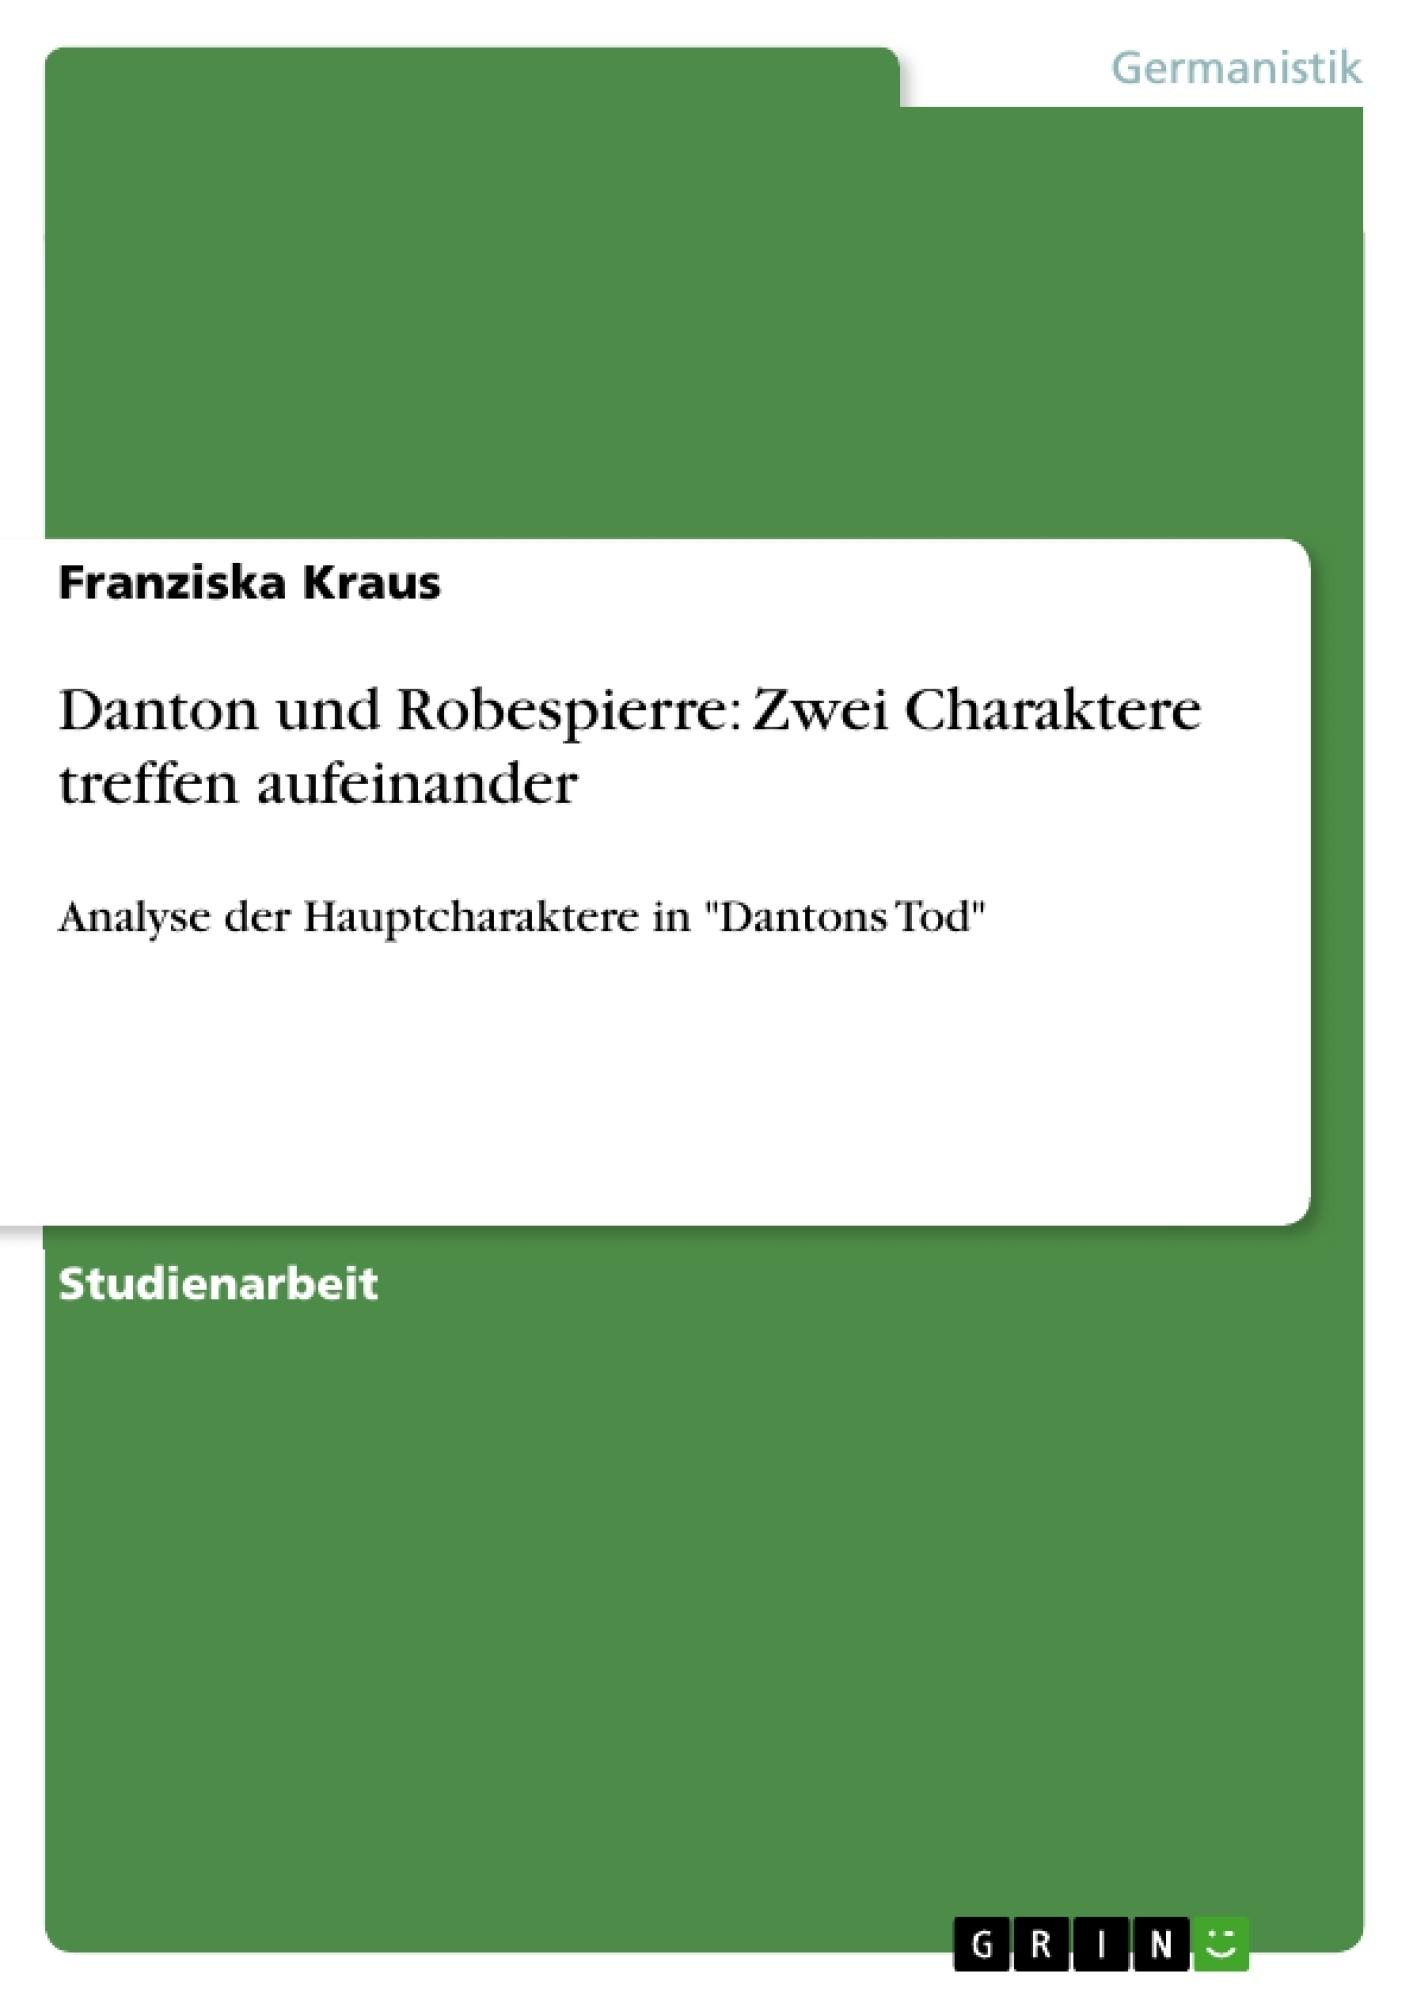 Titel: Danton und Robespierre: Zwei Charaktere treffen aufeinander